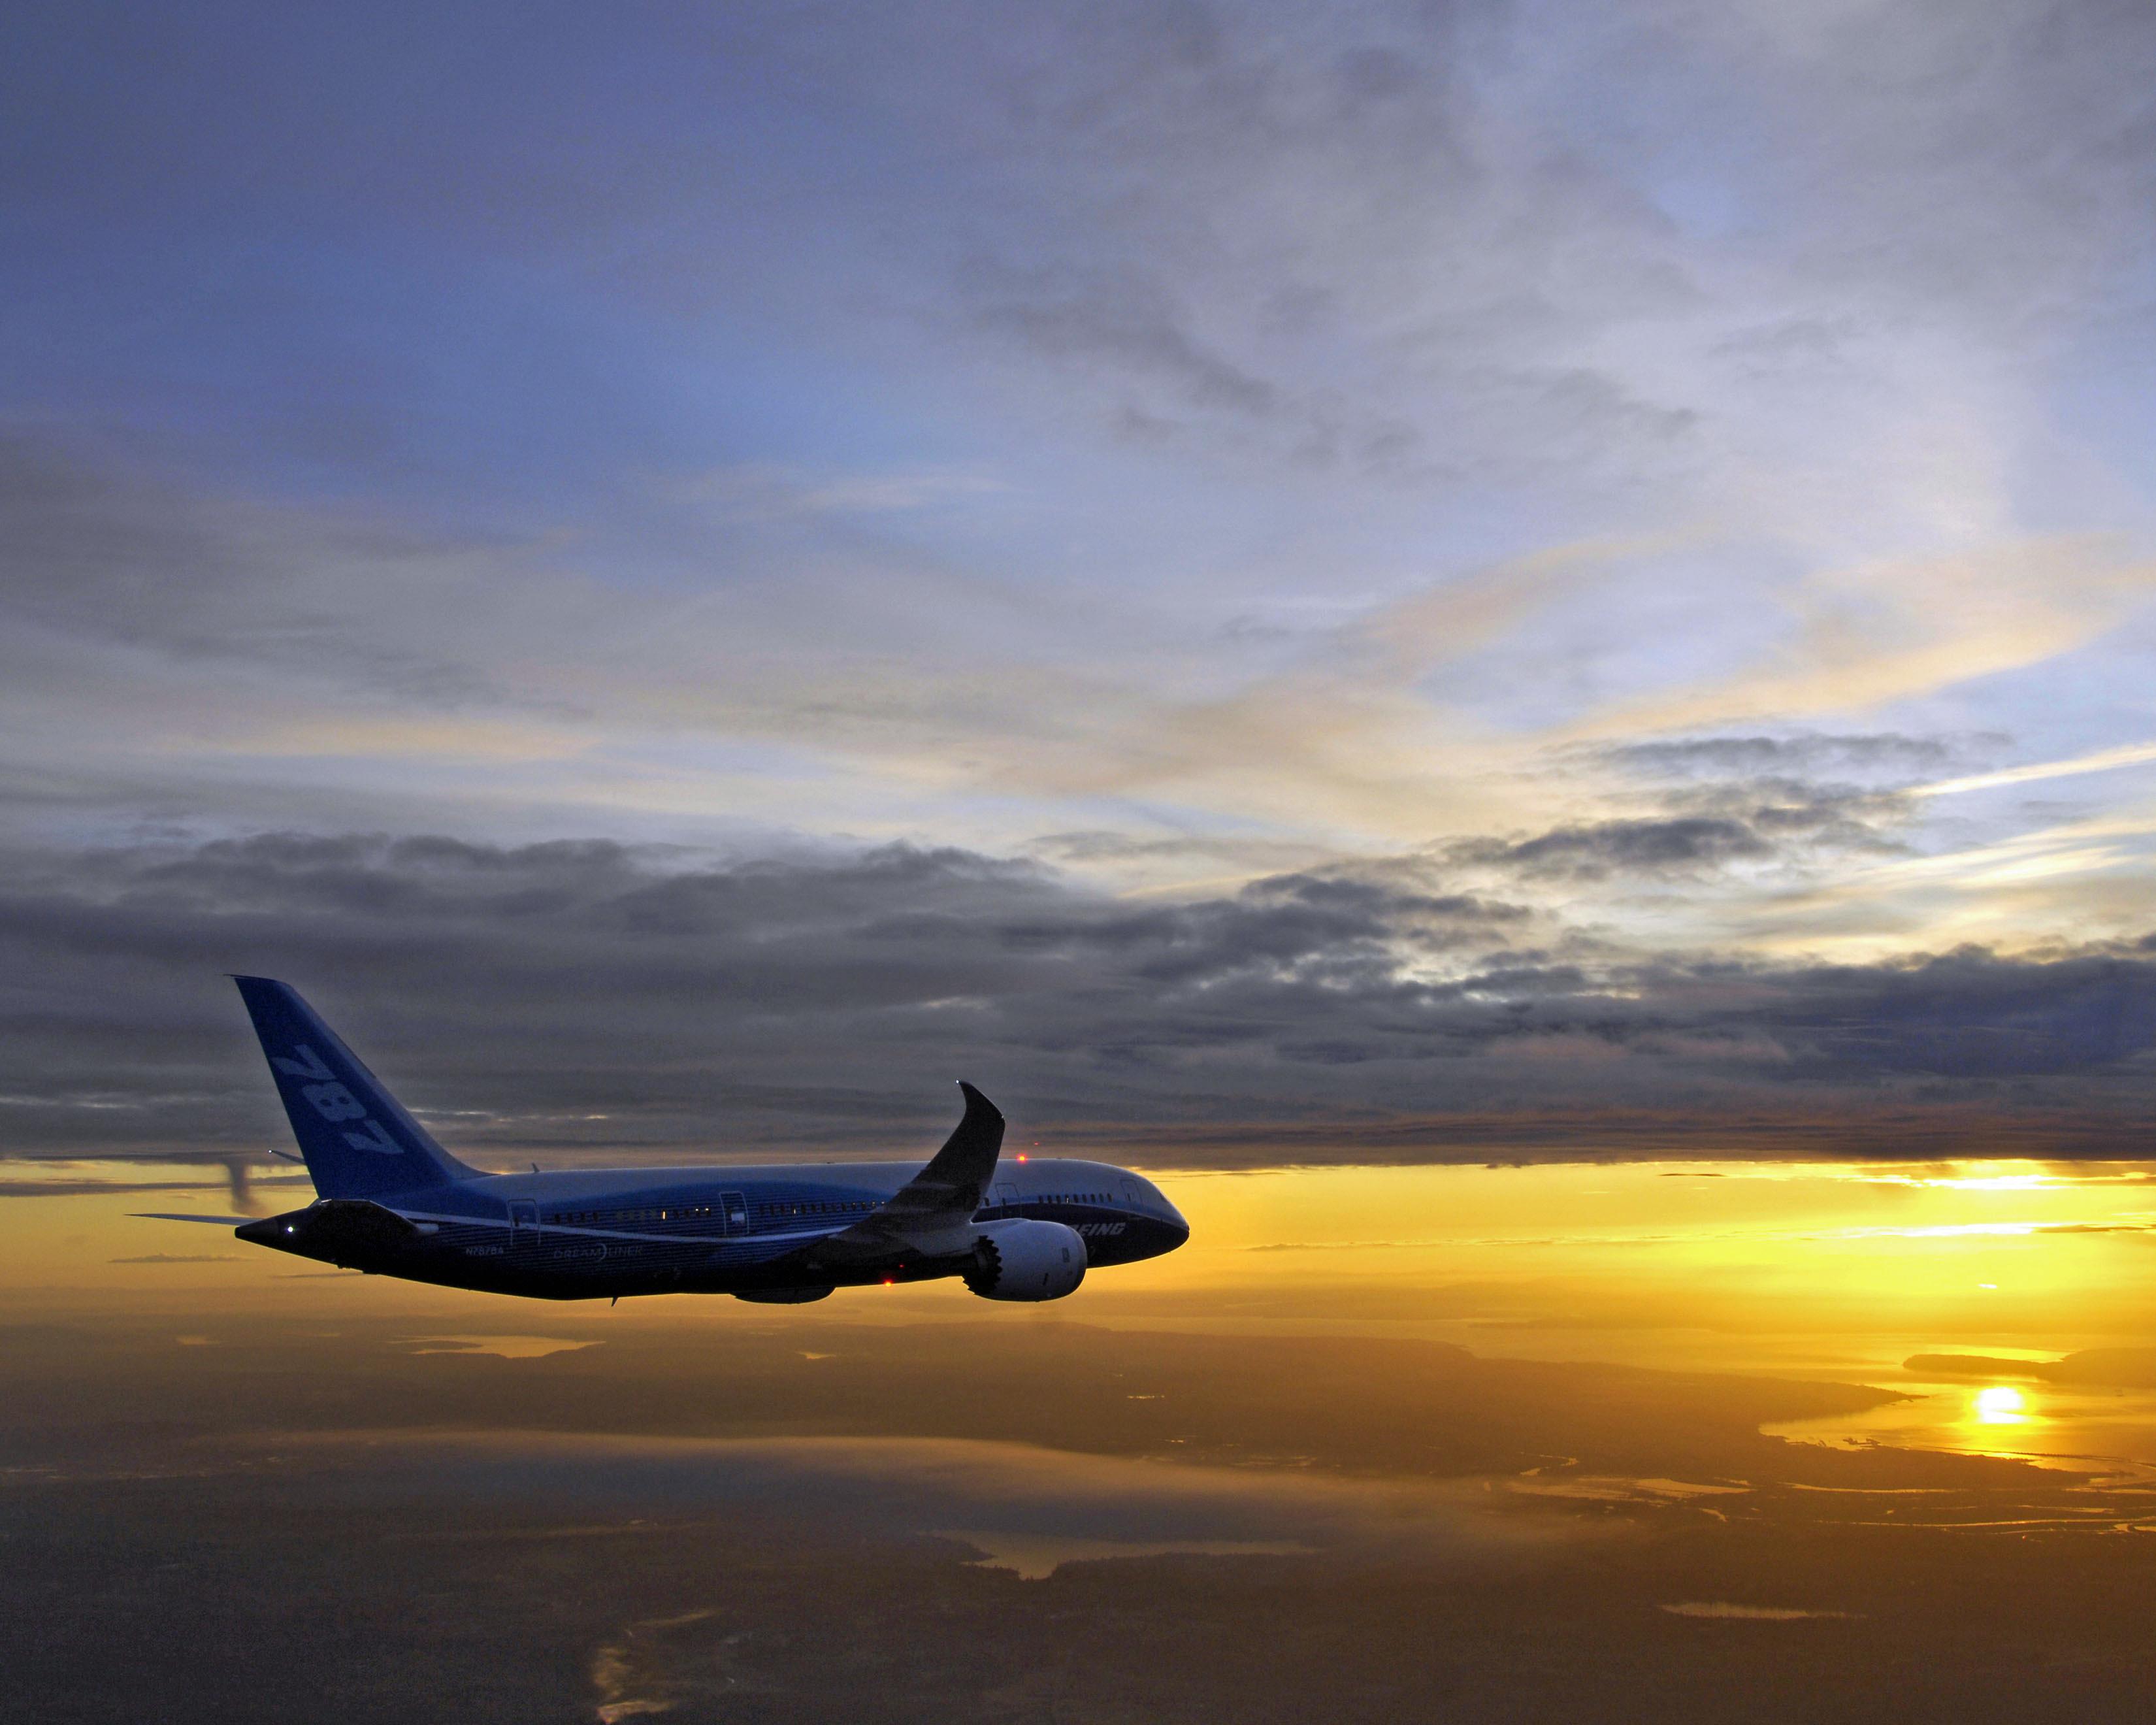 Авиалайнер в воздухе  № 2357410 бесплатно